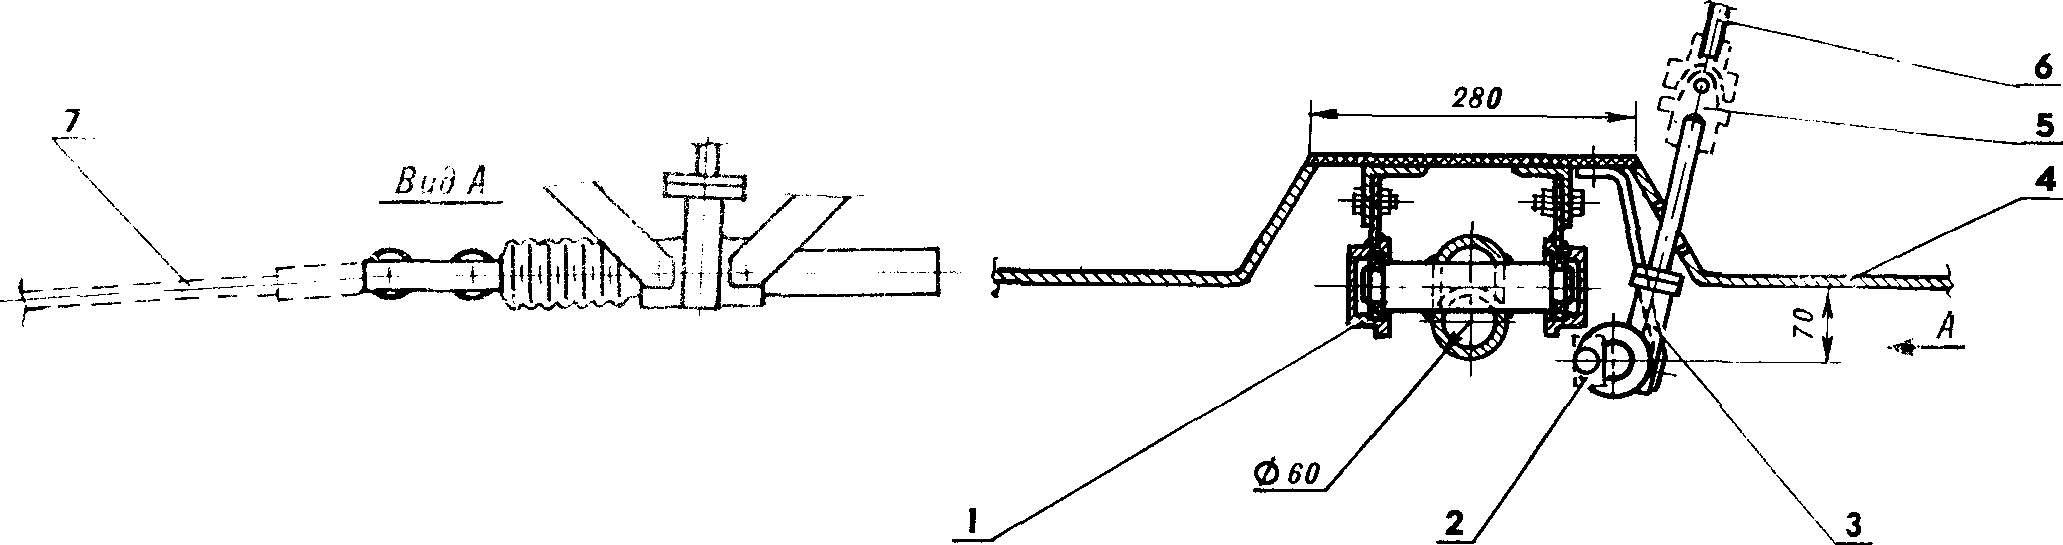 Рис. 2. Рулевое устройство и опора переднего моста.